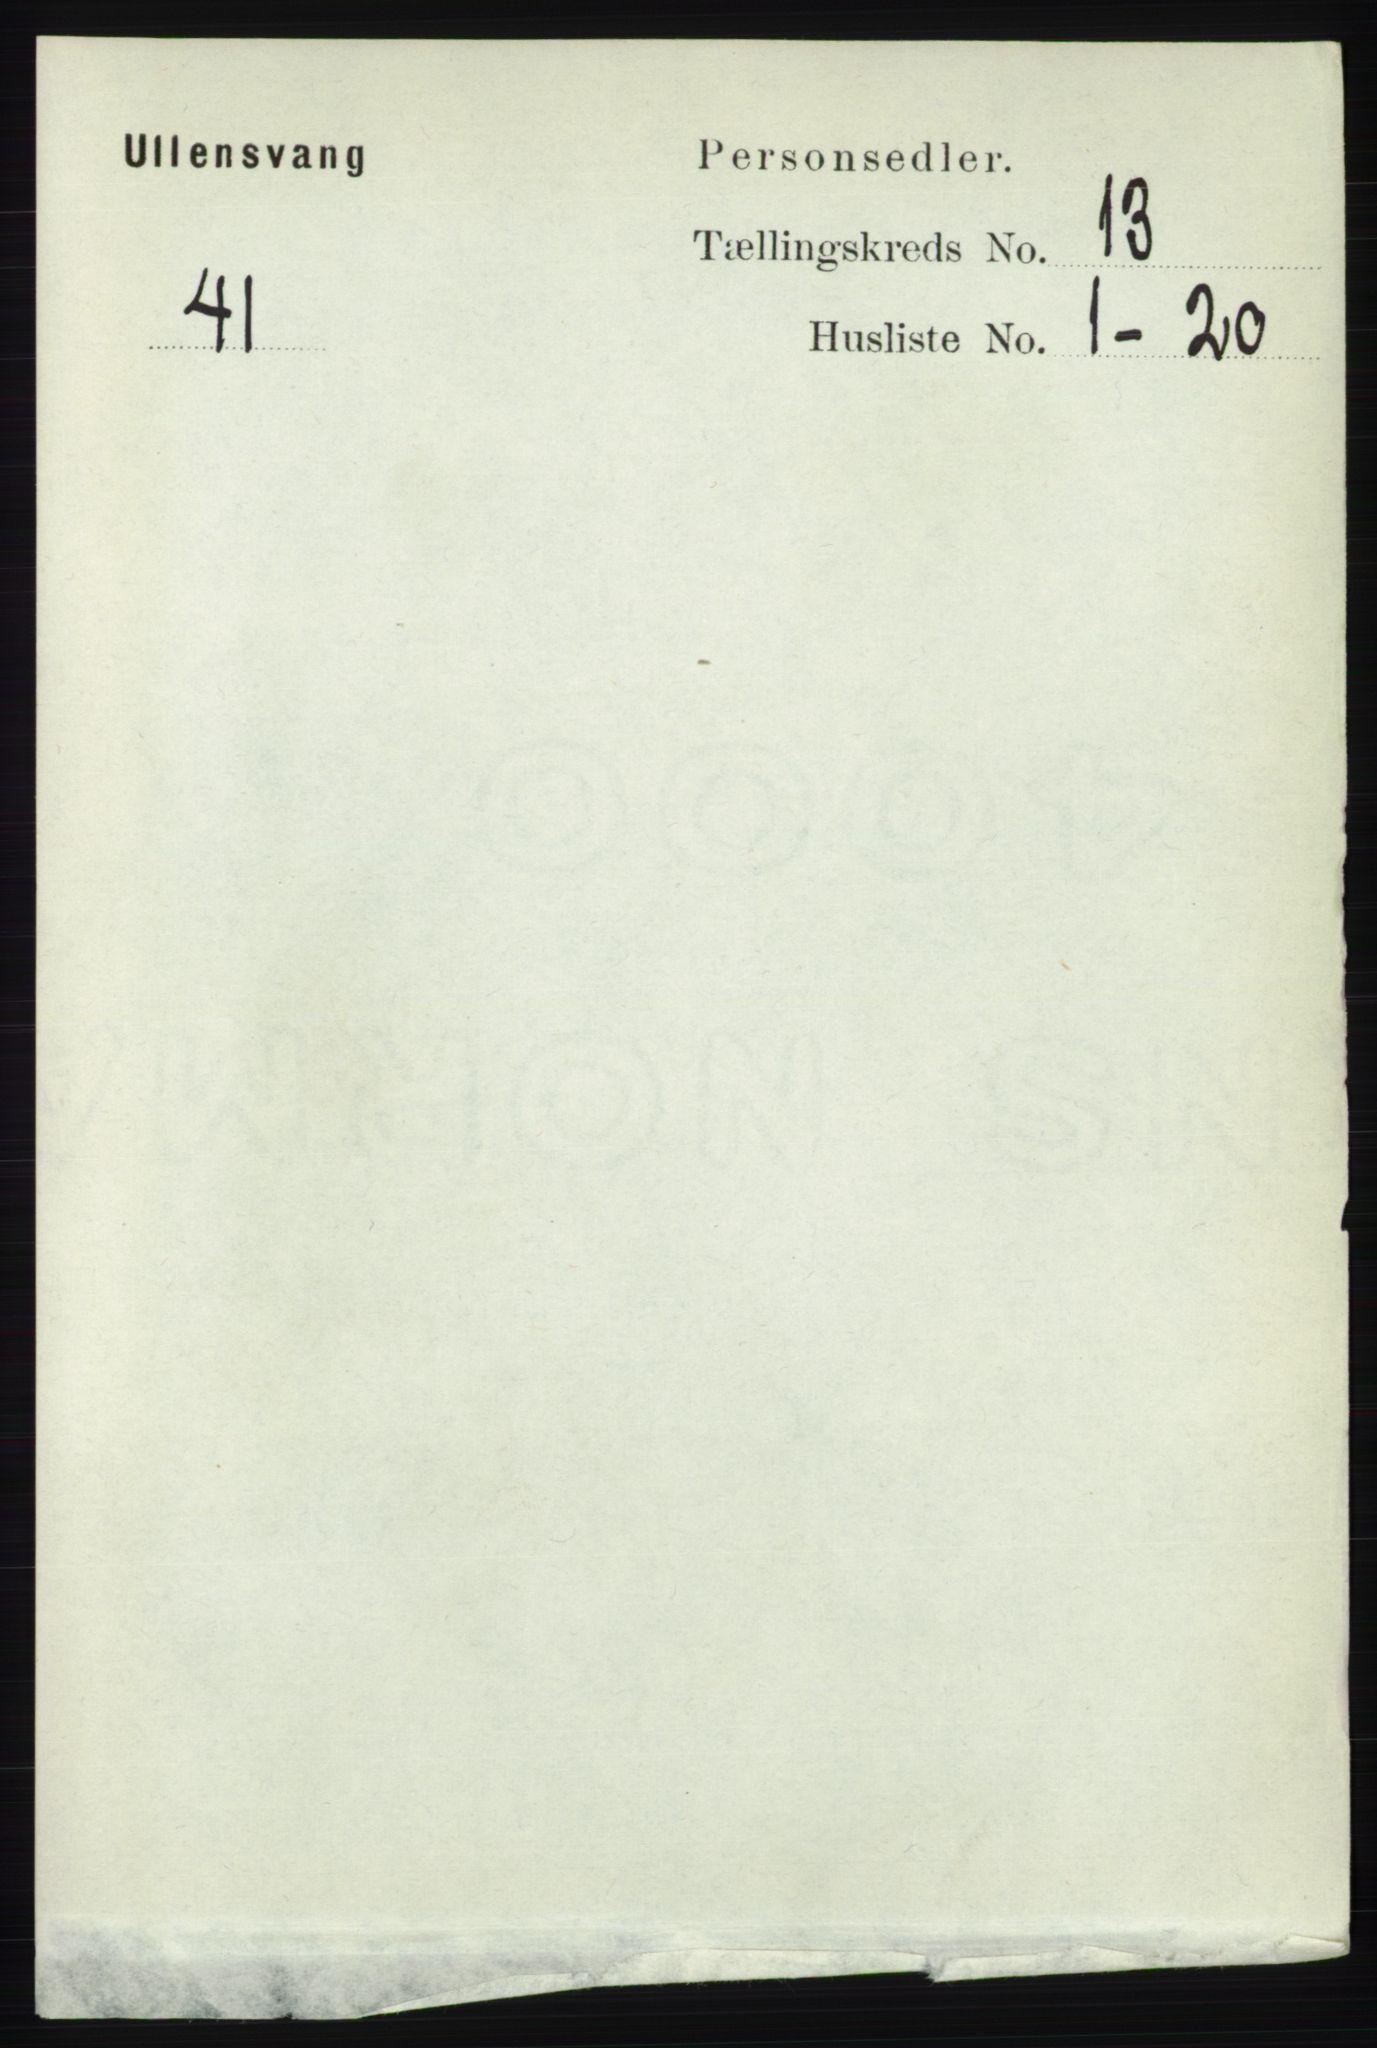 RA, Folketelling 1891 for 1230 Ullensvang herred, 1891, s. 5088